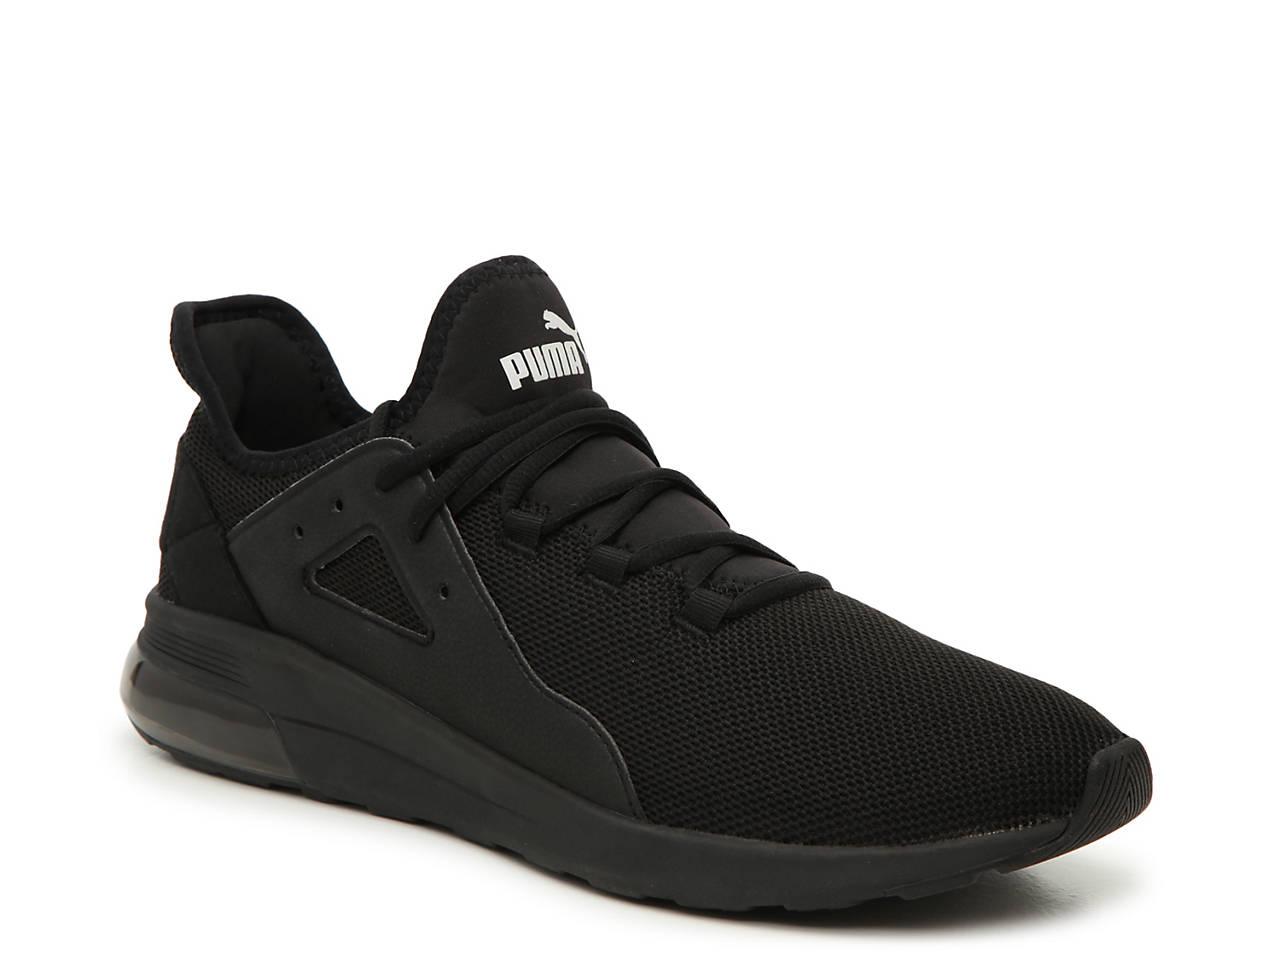 54ea15dd3462 Puma Electron Street Sneaker - Men s Men s Shoes